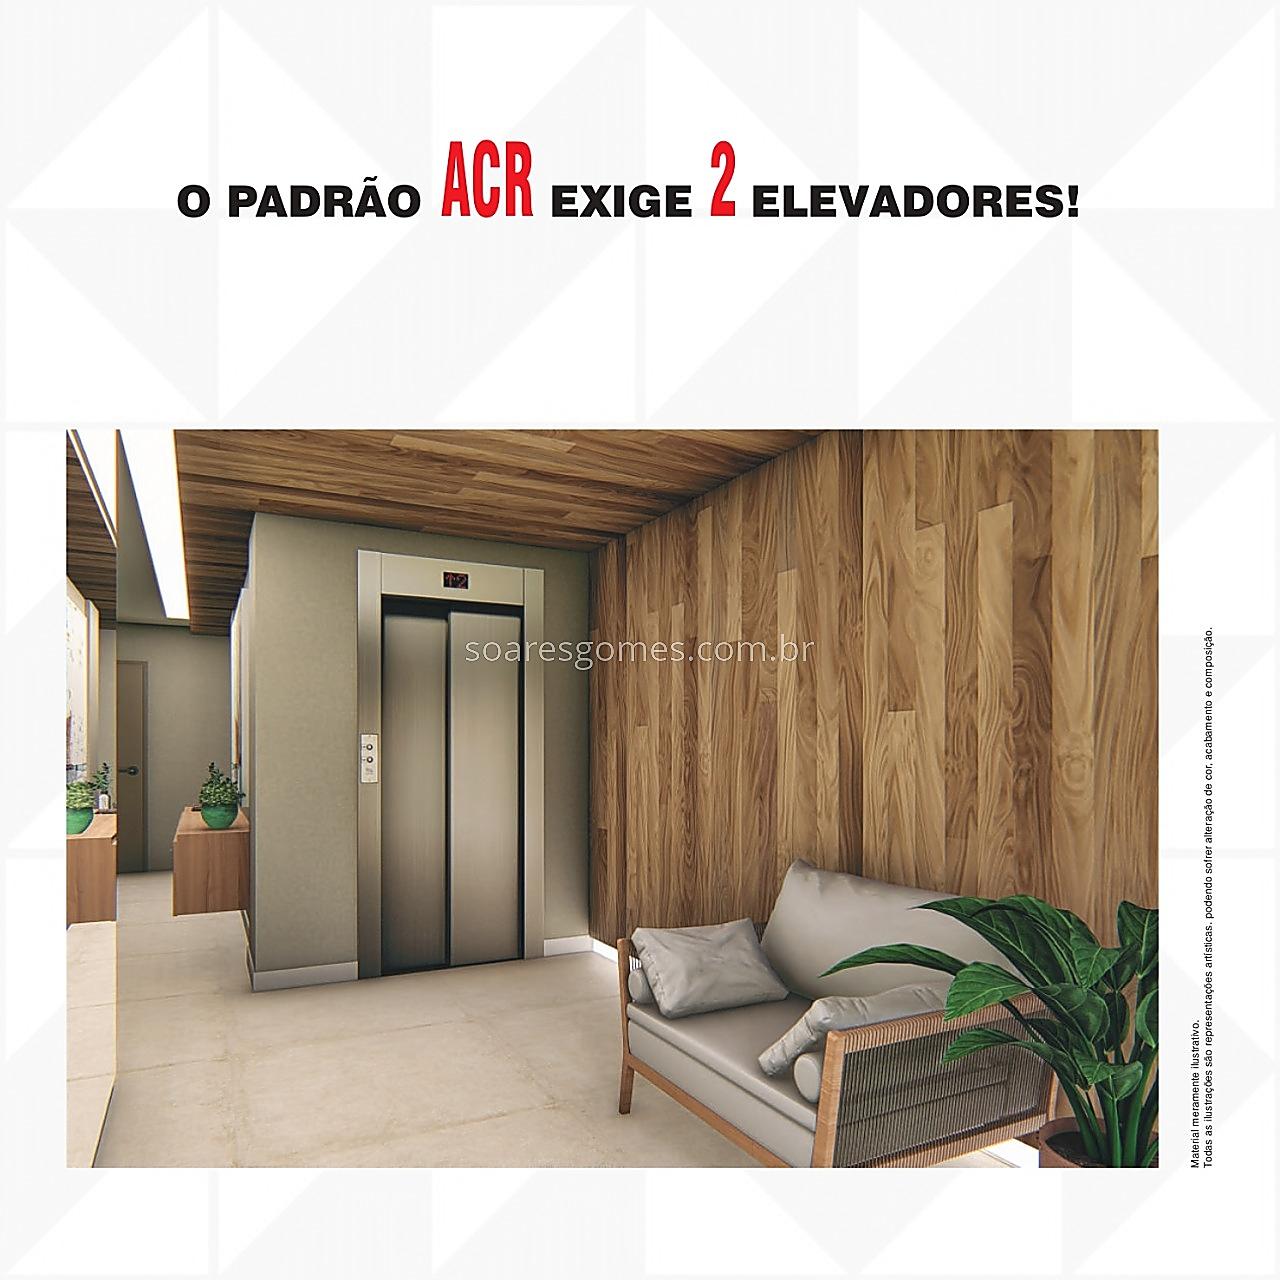 Apartamento à venda em Bom Pastor, Juiz de Fora - MG - Foto 13